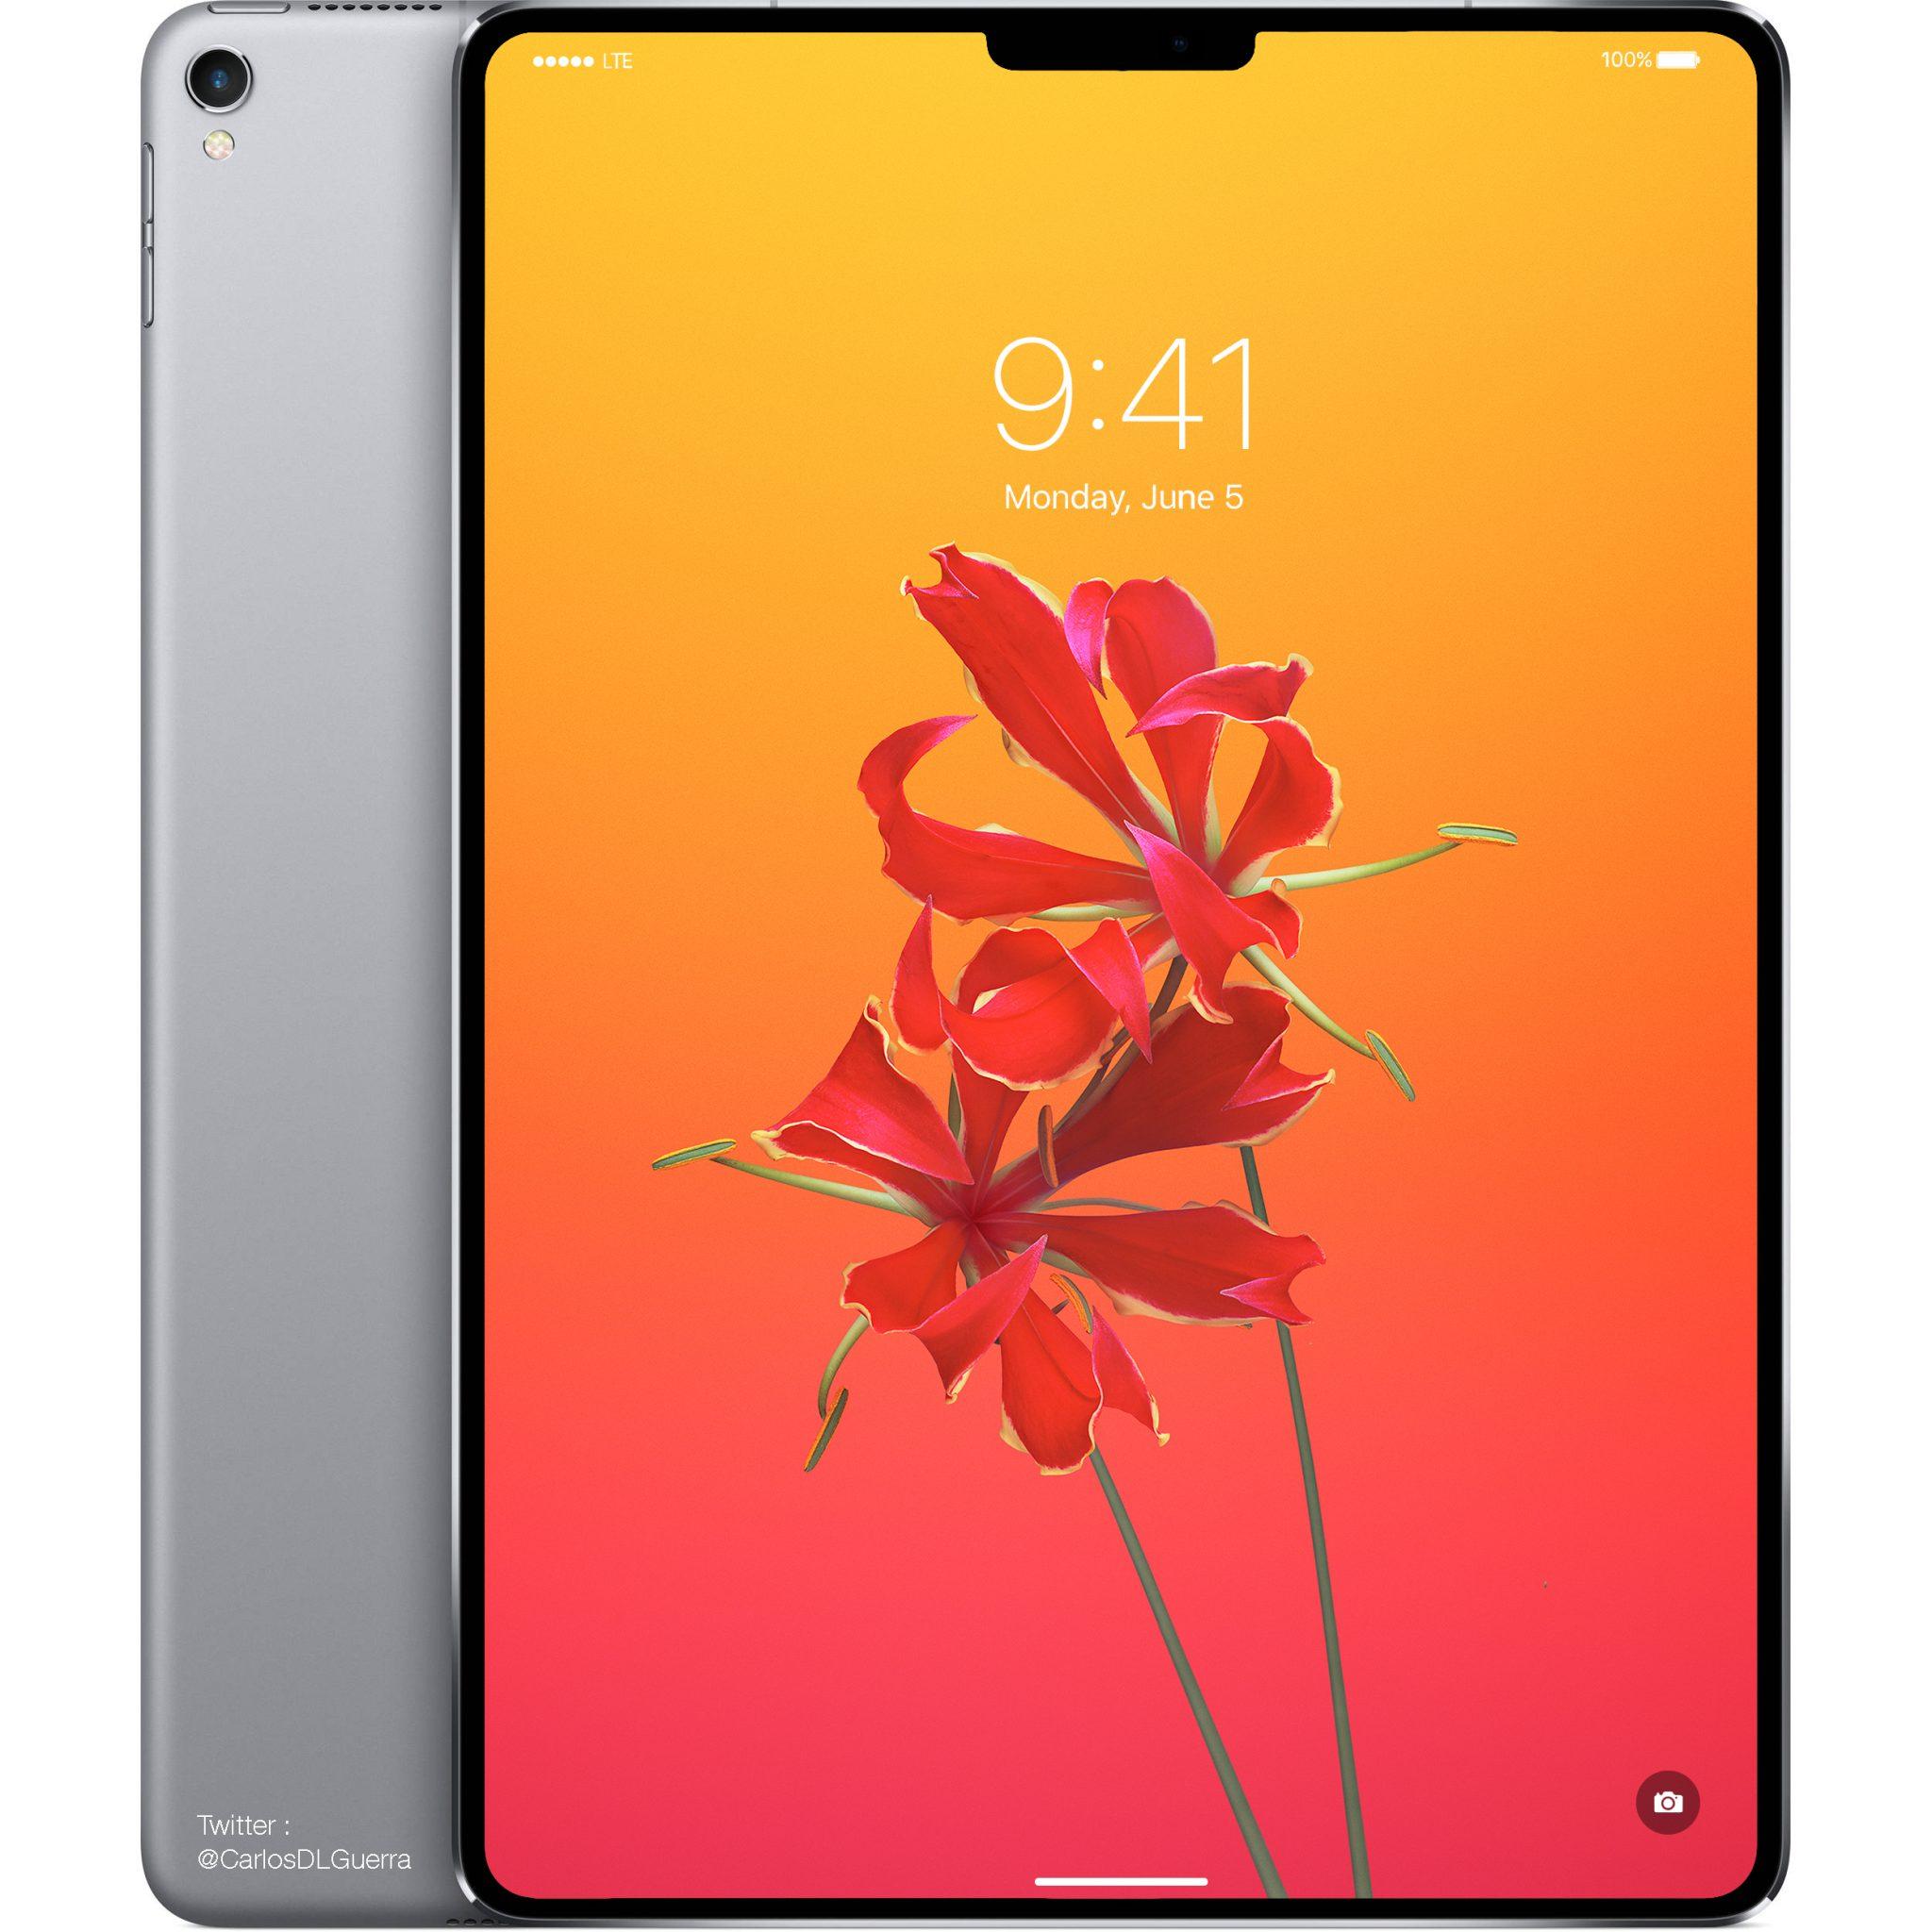 2018年版フルスクリーンiPad Pro登場へ、すべての既存iPadが型落ちデザインに。